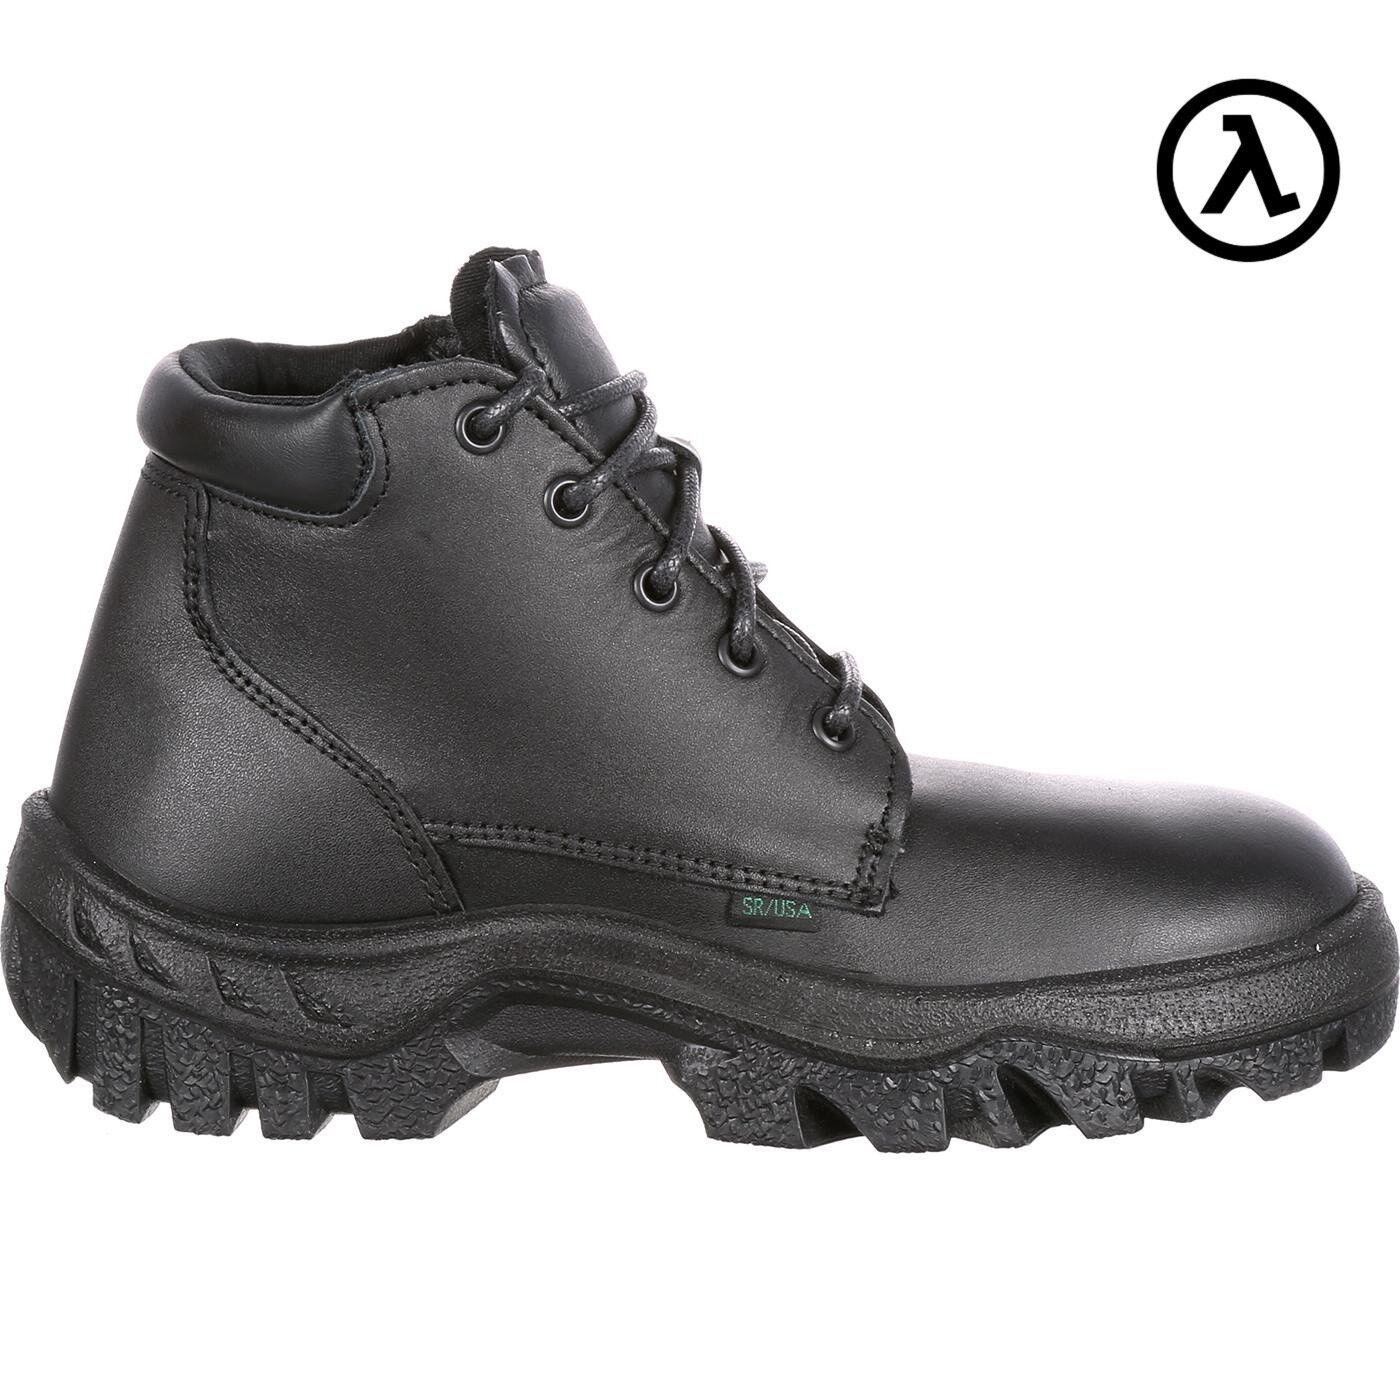 Rocky TMC Postal-aprobado para mujer botas de Trabajo Chukka Chukka Chukka FQ0005105  todos Los Tamaños-Nuevo  Tienda de moda y compras online.